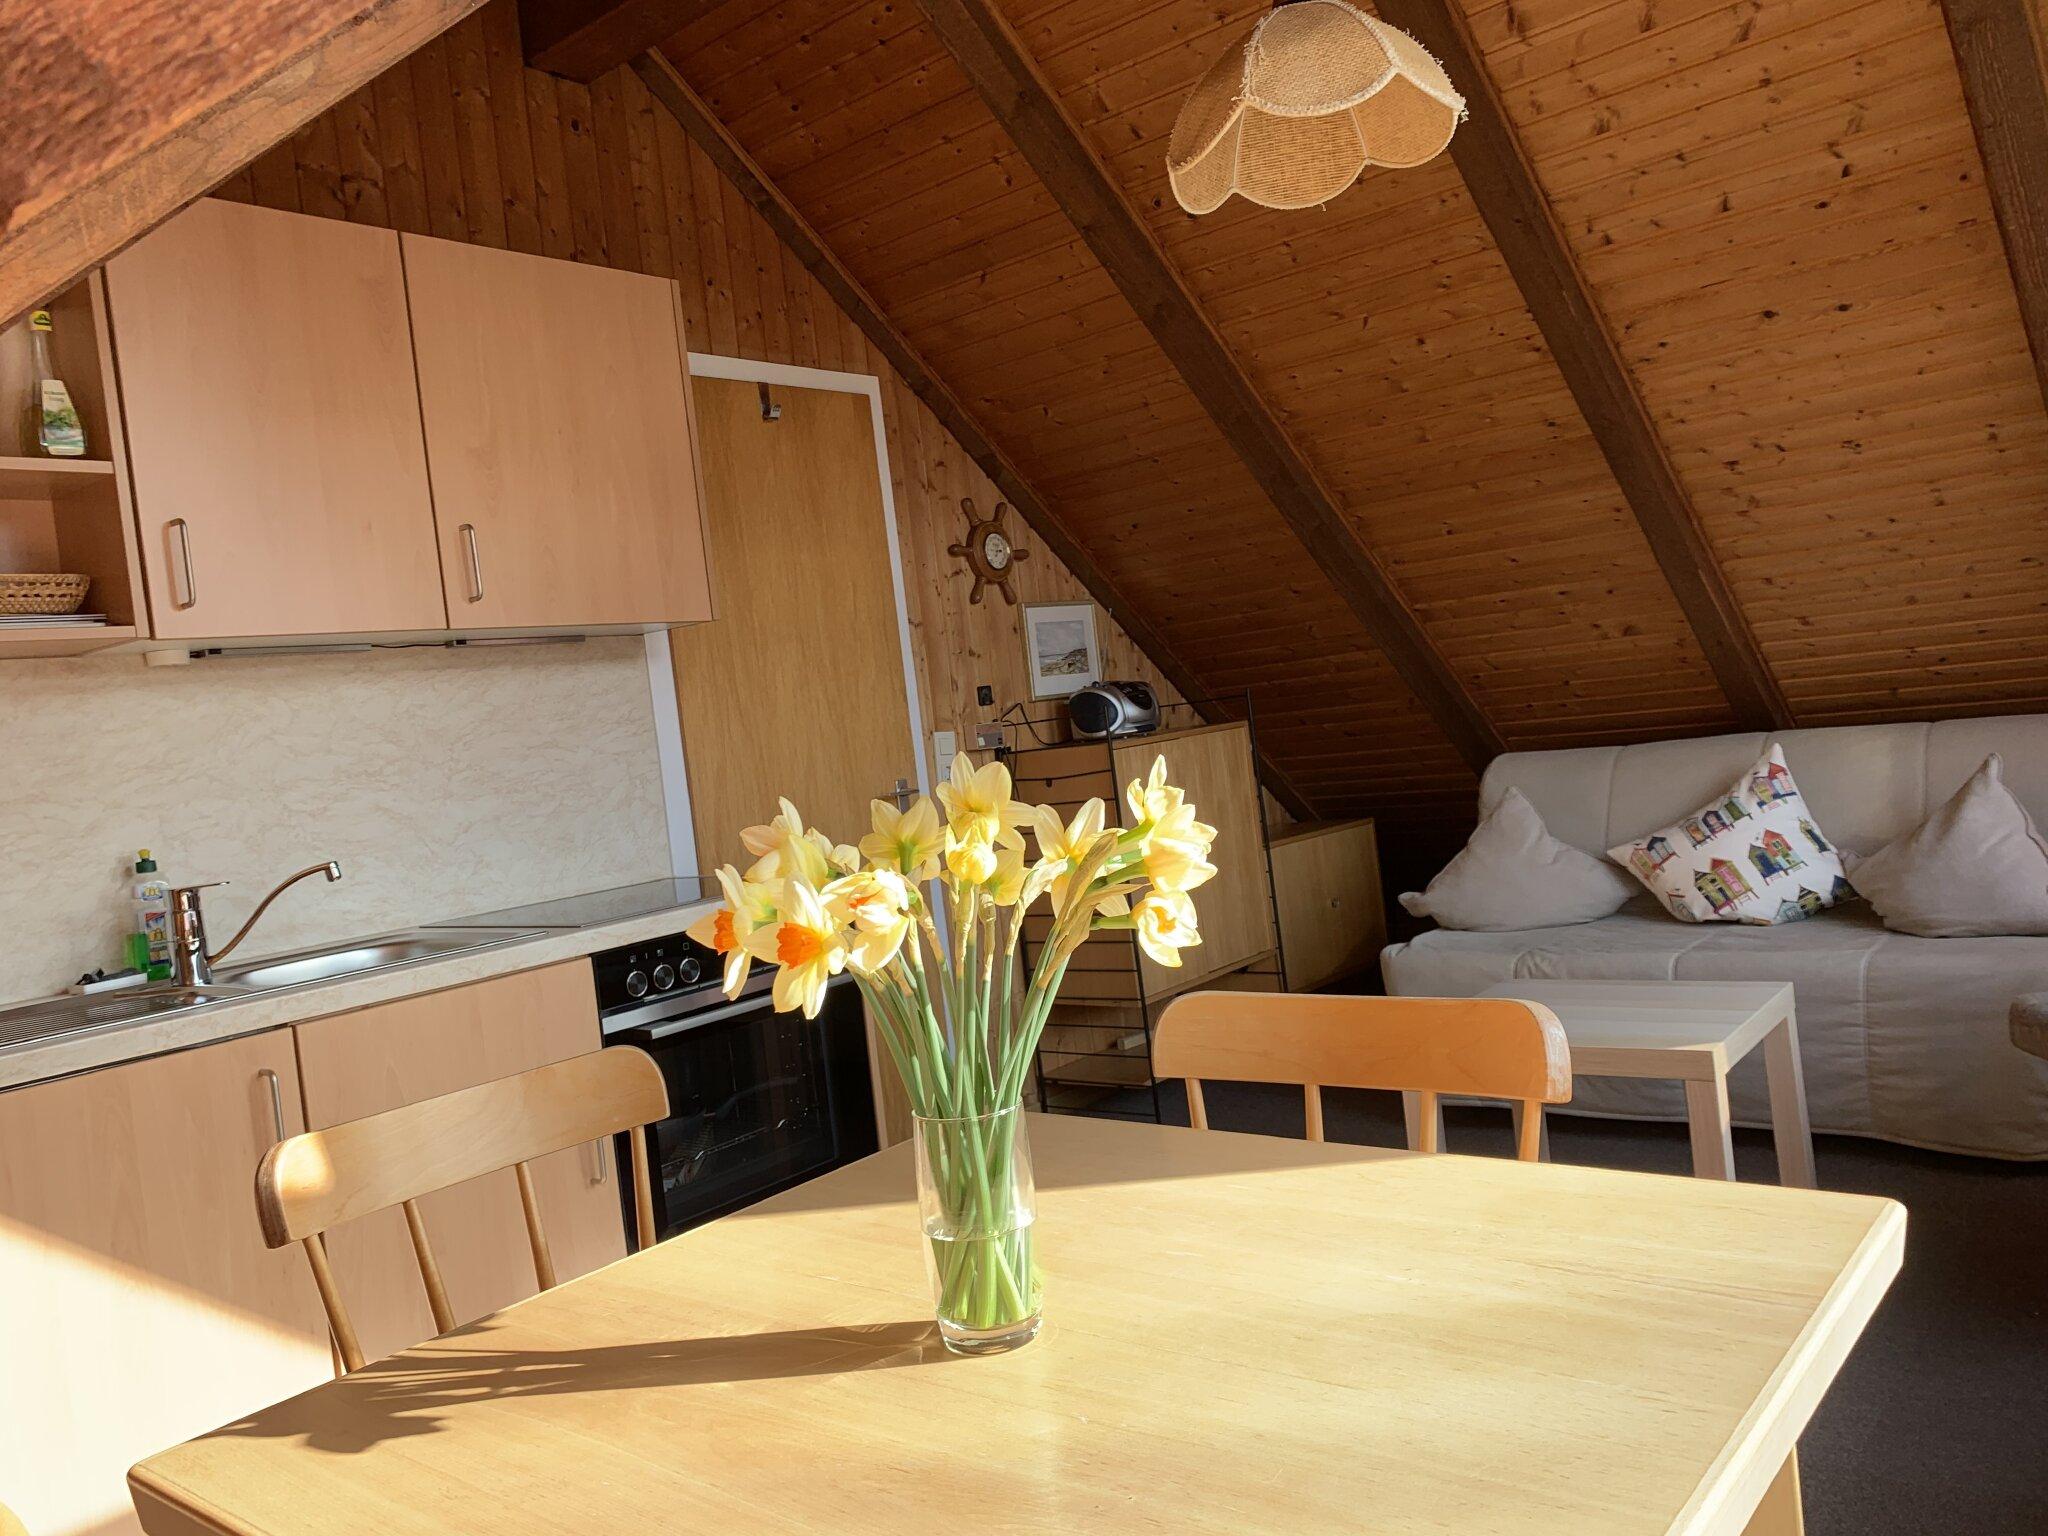 Wohnraum / Küchenzeile und Essplatz